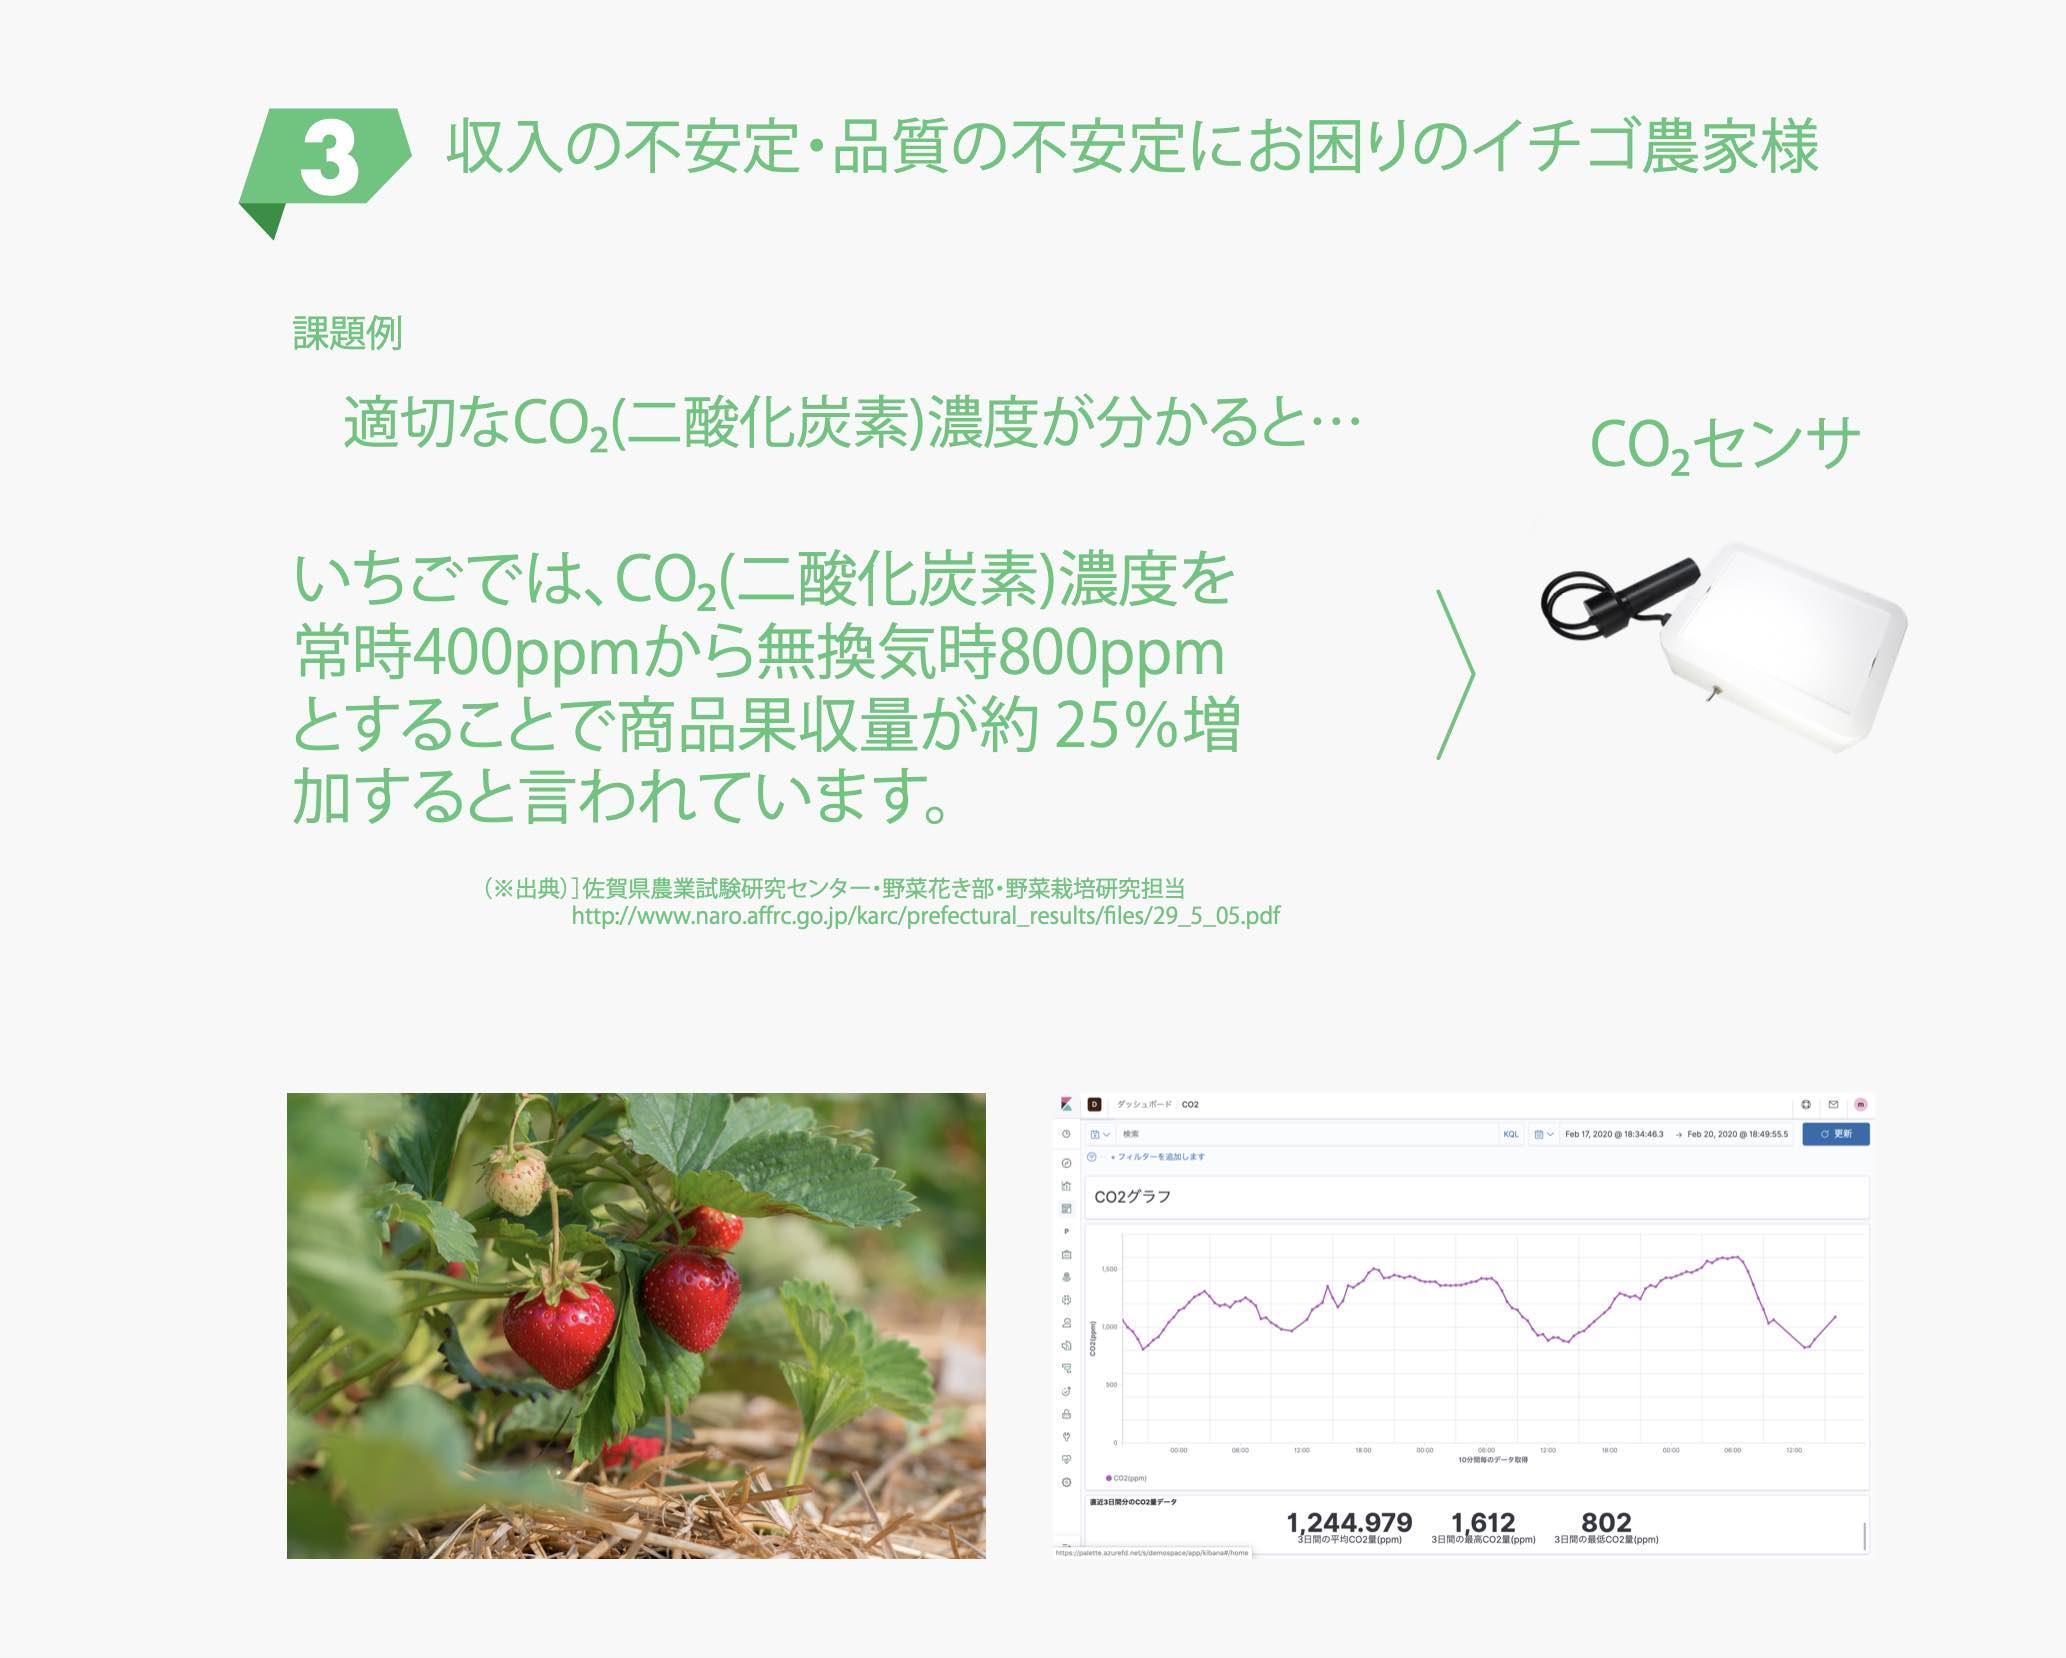 収入の不安定・品質の不安定にお困りのイチゴ農家様 適切なCO2(二酸化炭素)濃度が分かると...いちごでは、CO2(二酸化炭素)濃度を常時400ppmから無換気時800ppm とすることで商品果収量が約 25%増加すると言われています。